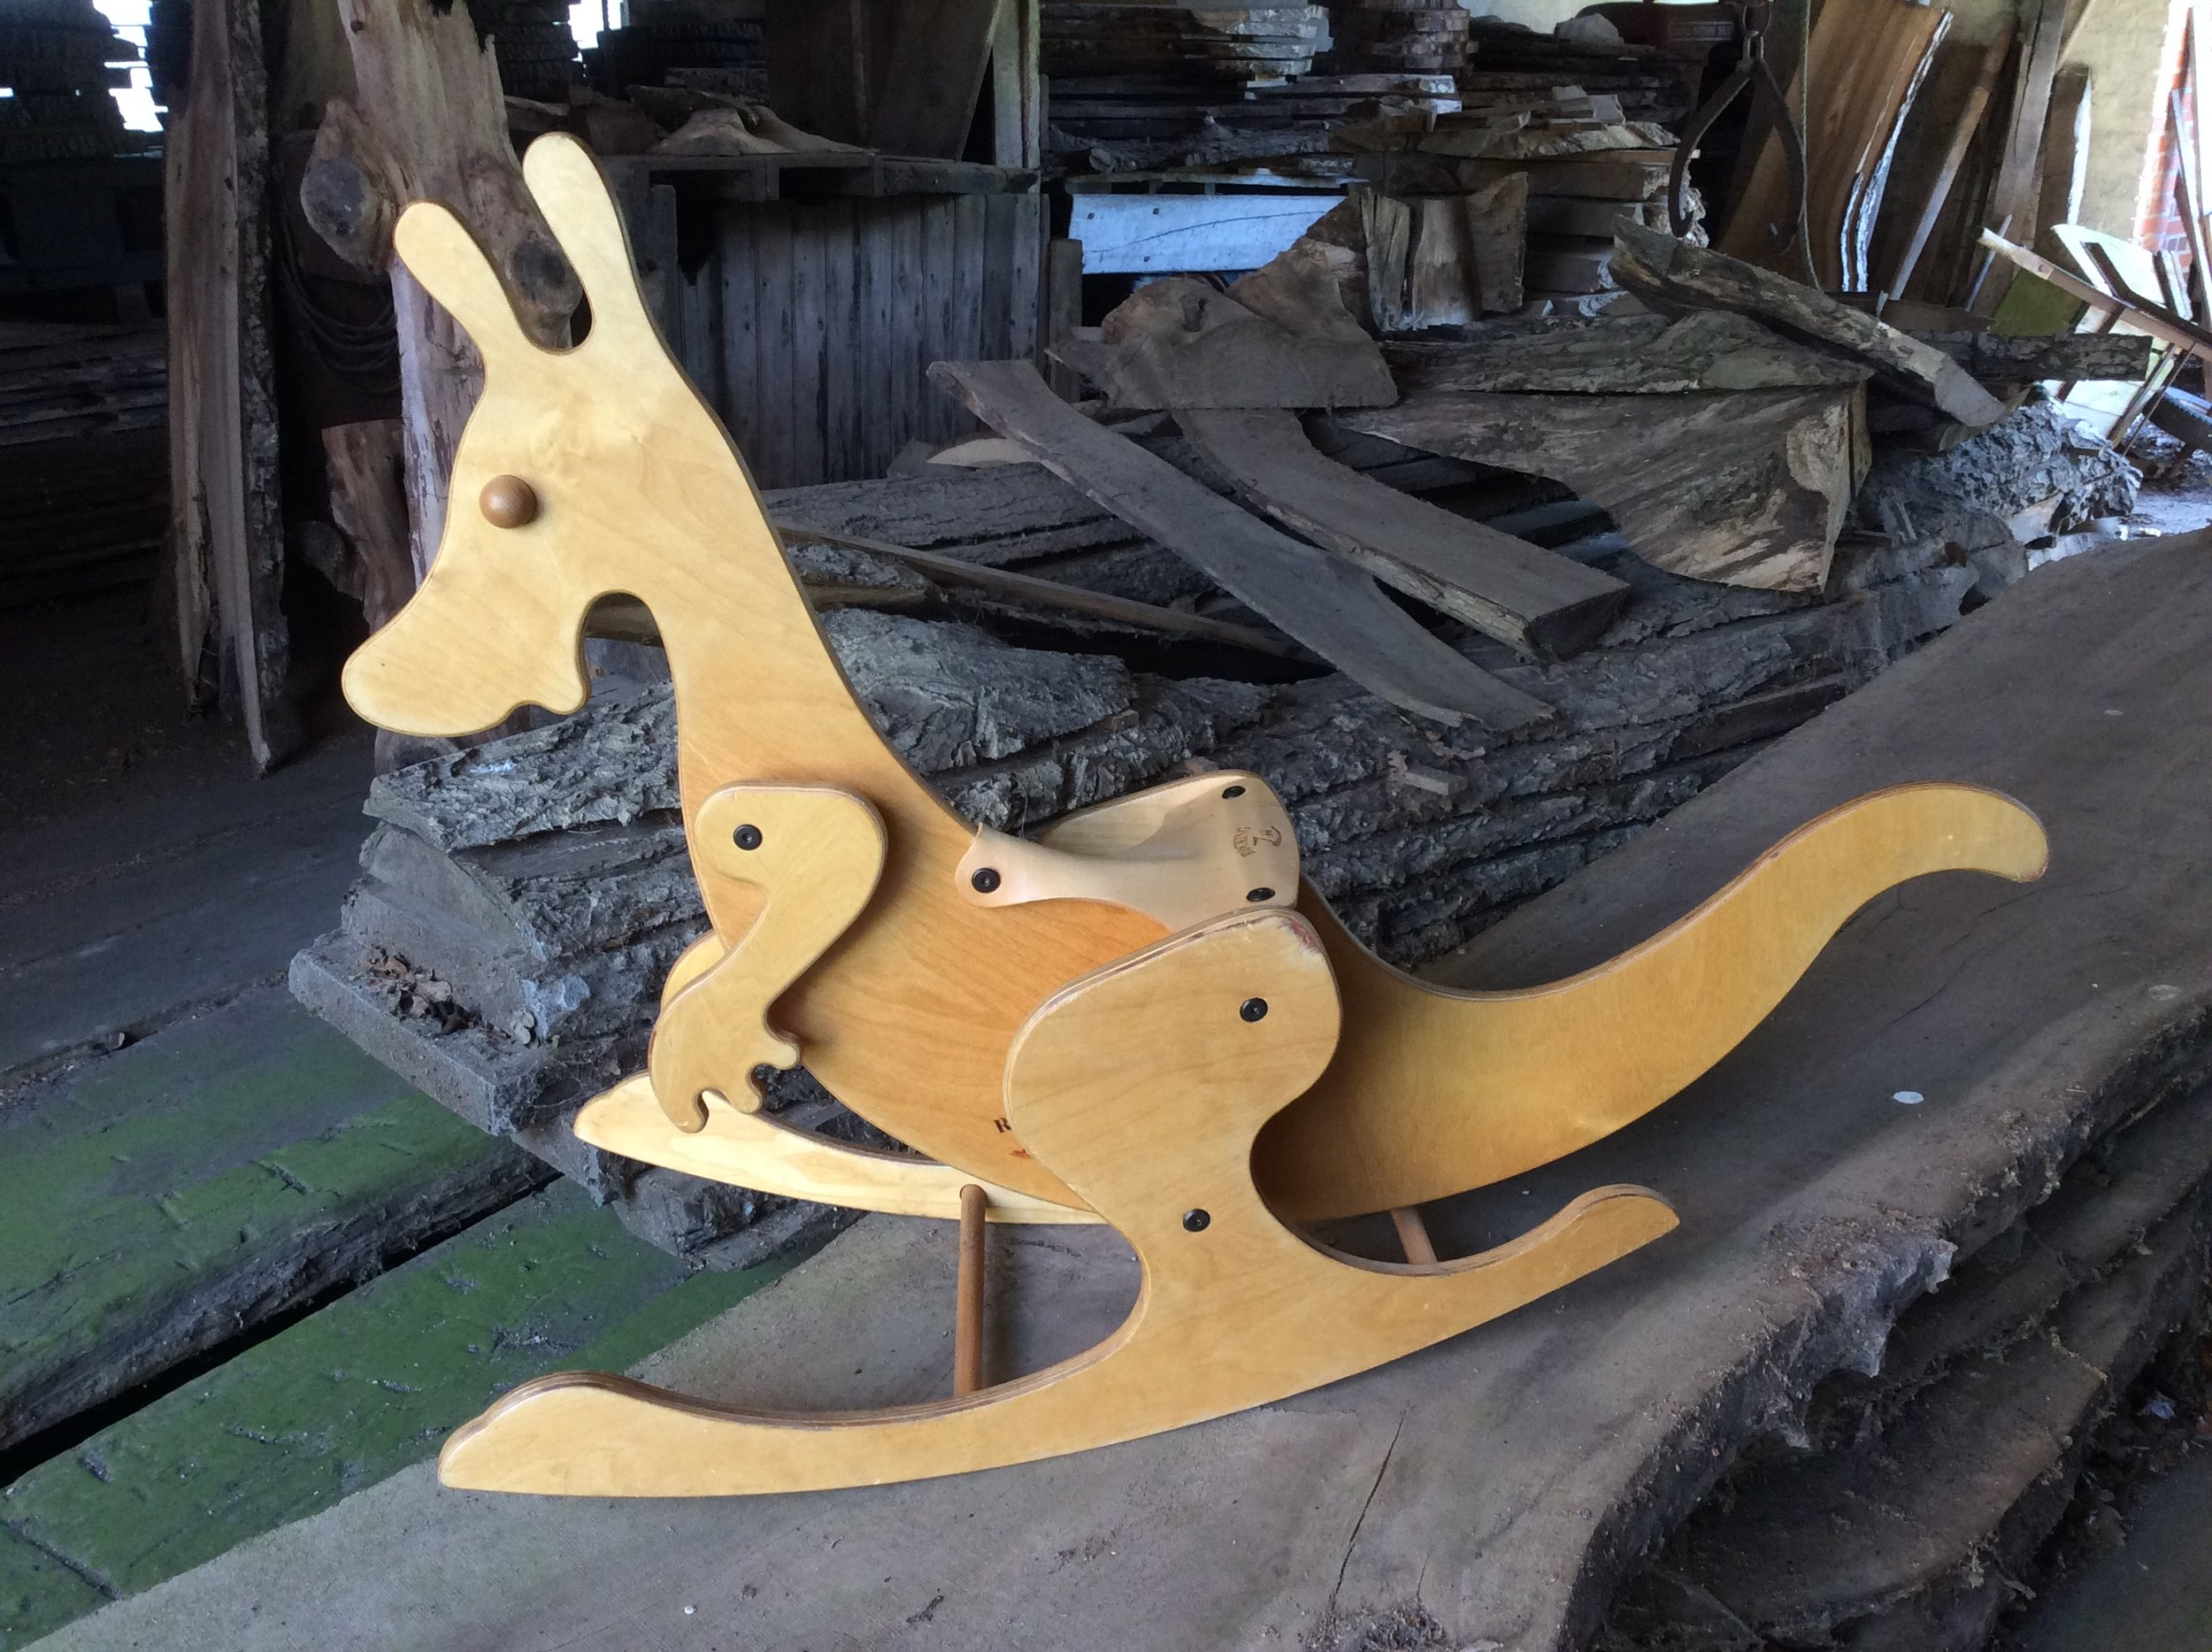 Rocking-zoo-kangaroo.JPG